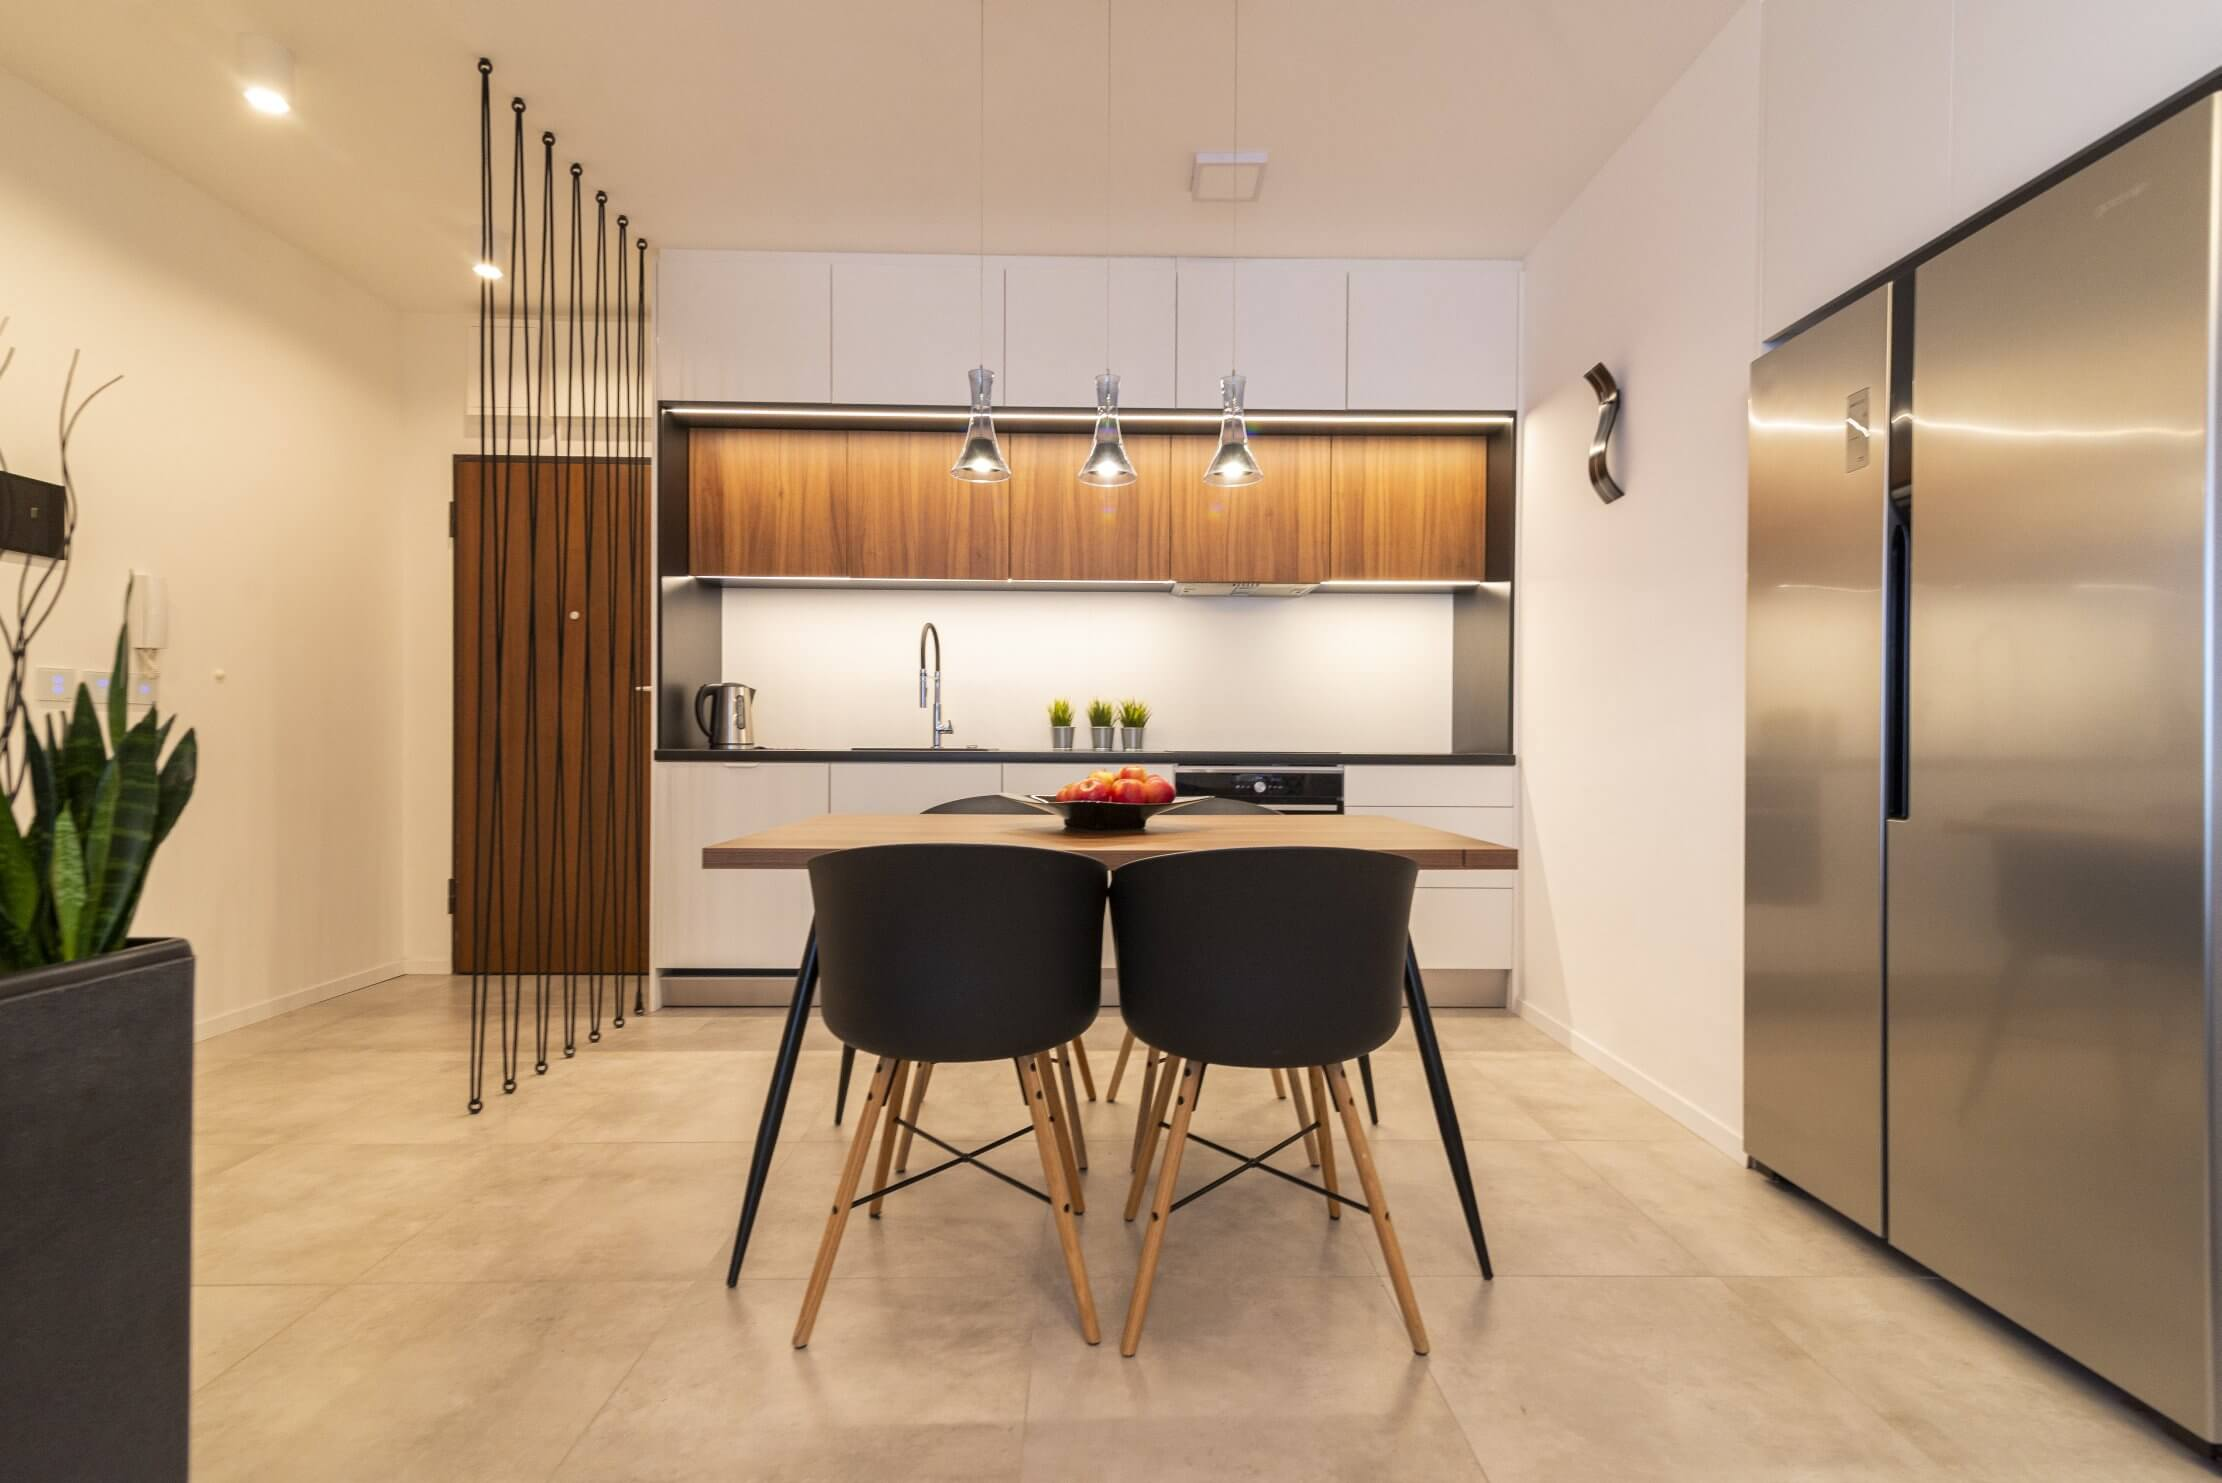 Kihívás a lakáskiadás? Mutatjuk, hogyan tud segíteni egy lakáskezelő cég!